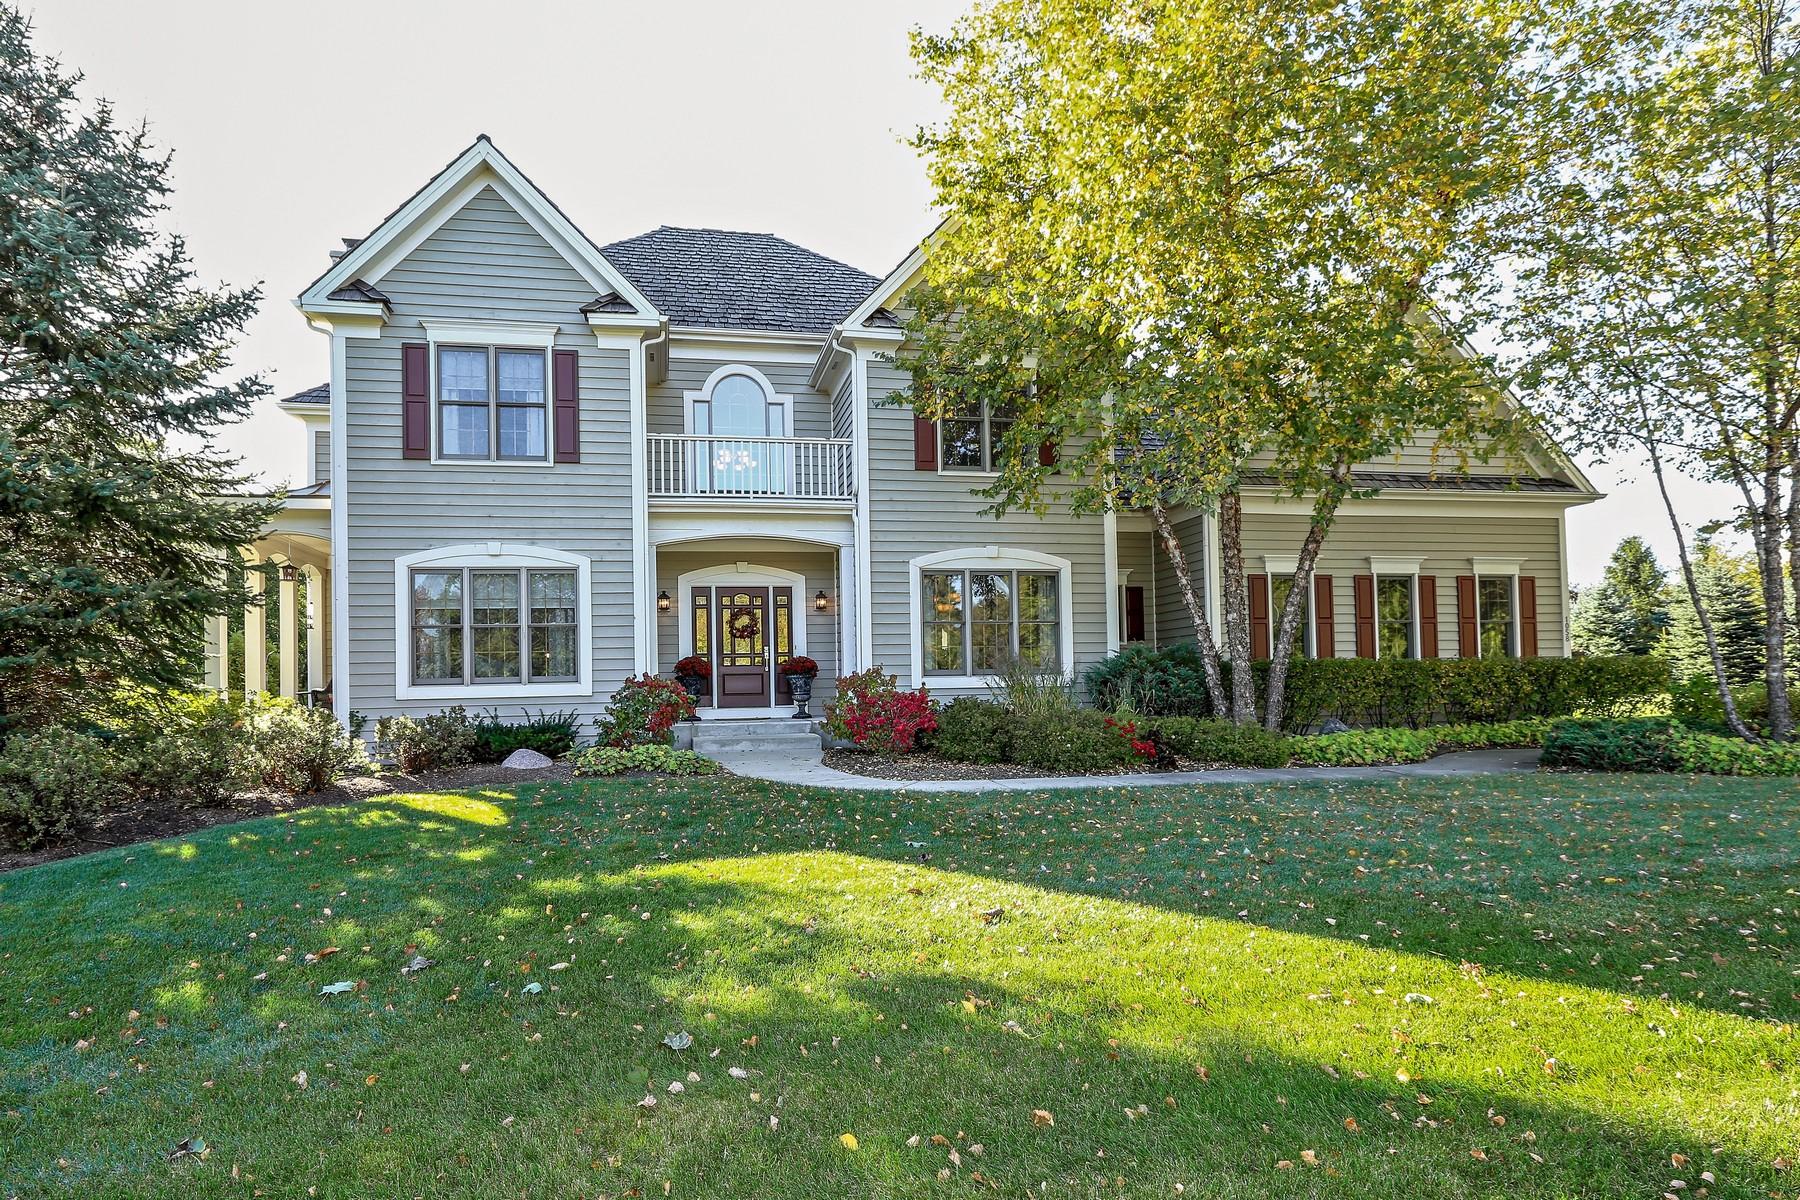 独户住宅 为 销售 在 Custom Home on Beautiful Lot 1058 Dove Way 卡瑞, 伊利诺斯州 60013 美国